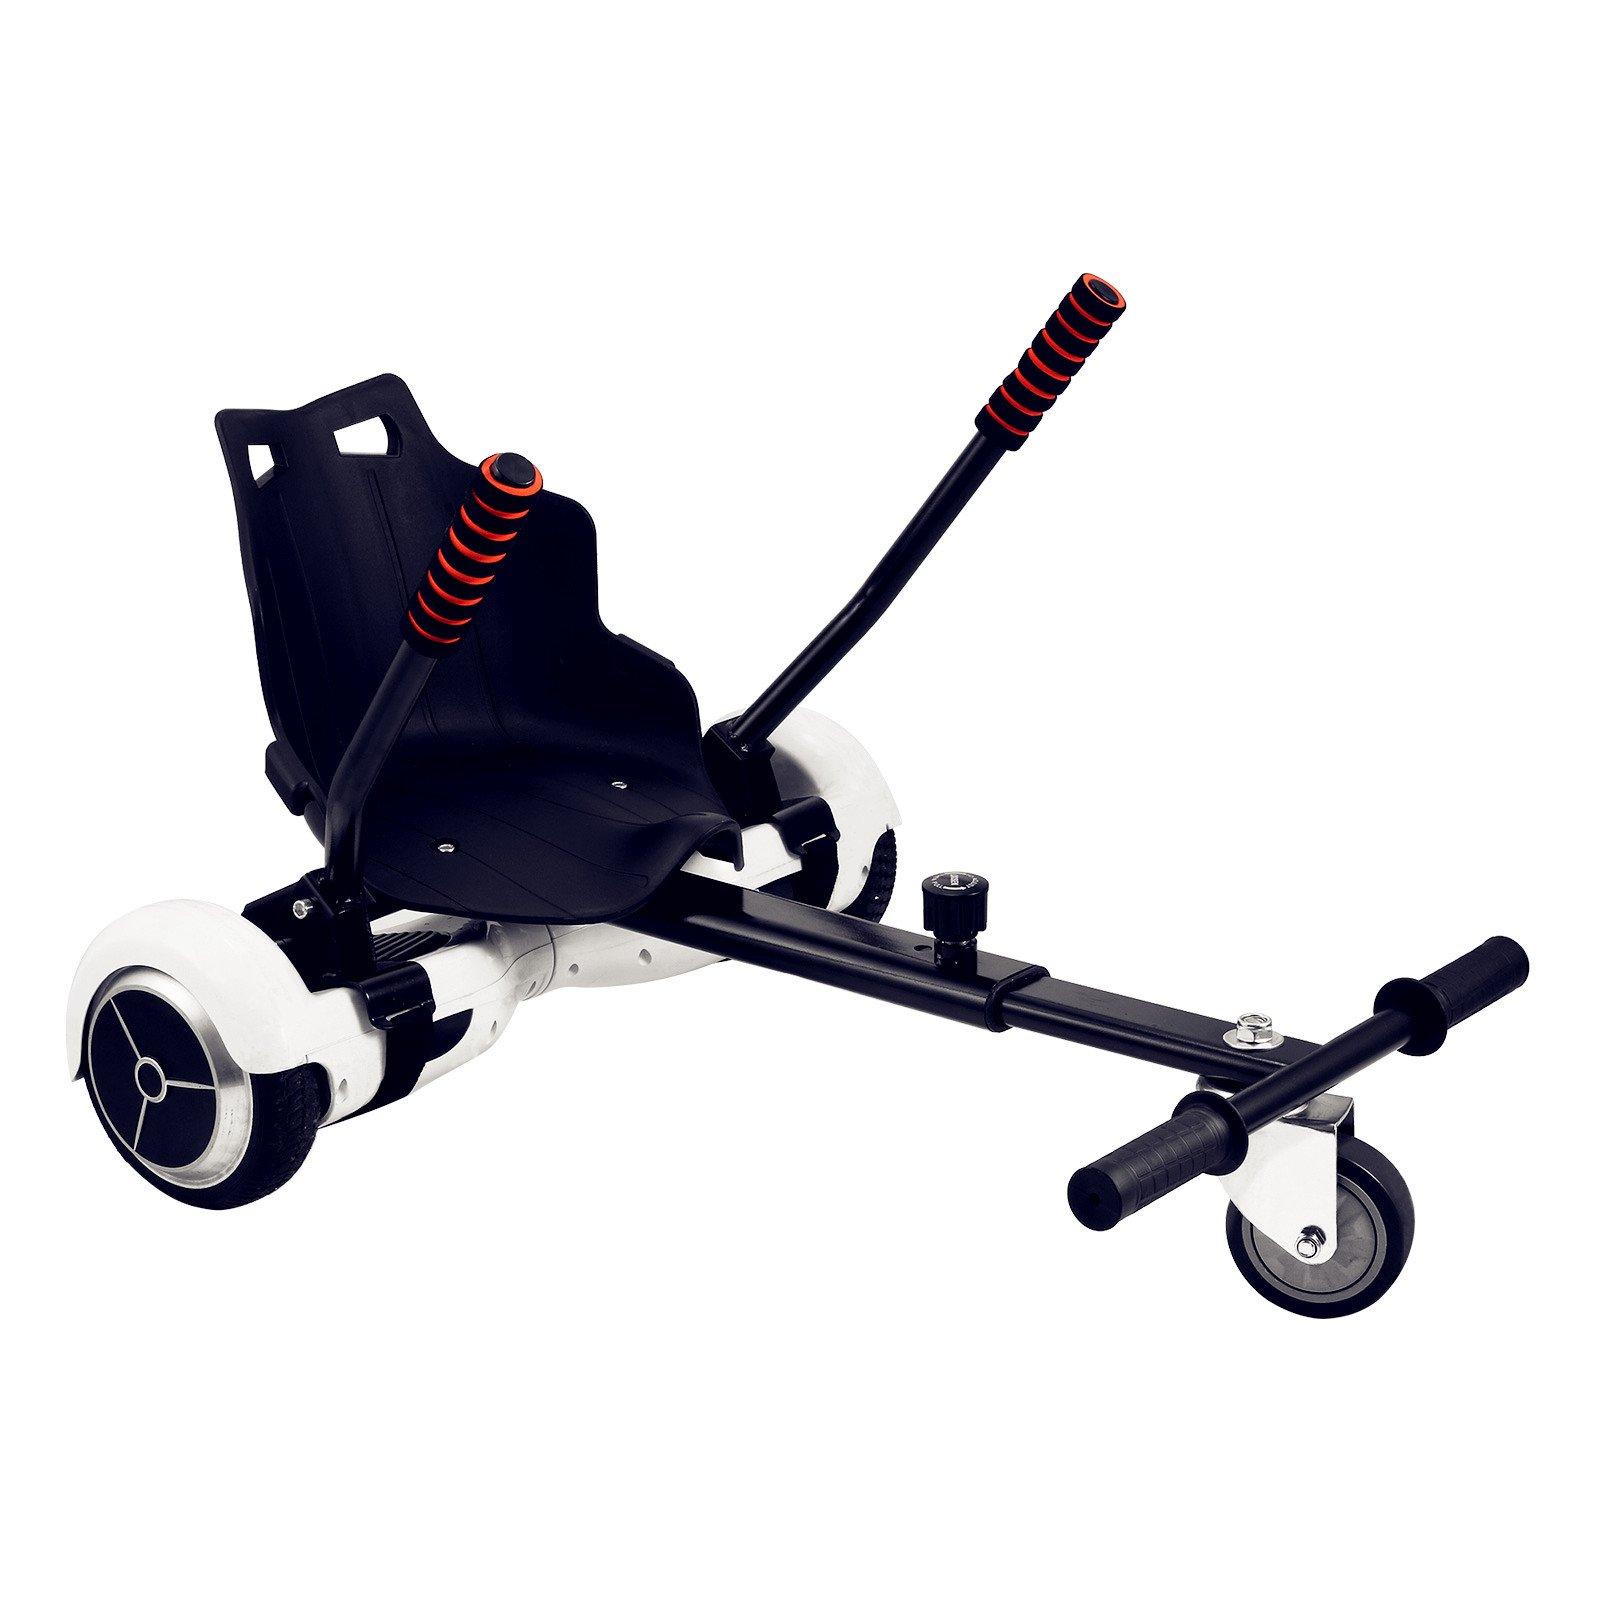 Popsport Adjustable Hover Go Kart Hover Kart Stand Go Kart Seat for 6.5'' 8'' 10'' Two Wheel Self Balancing Scooter (Hover Go Kart)